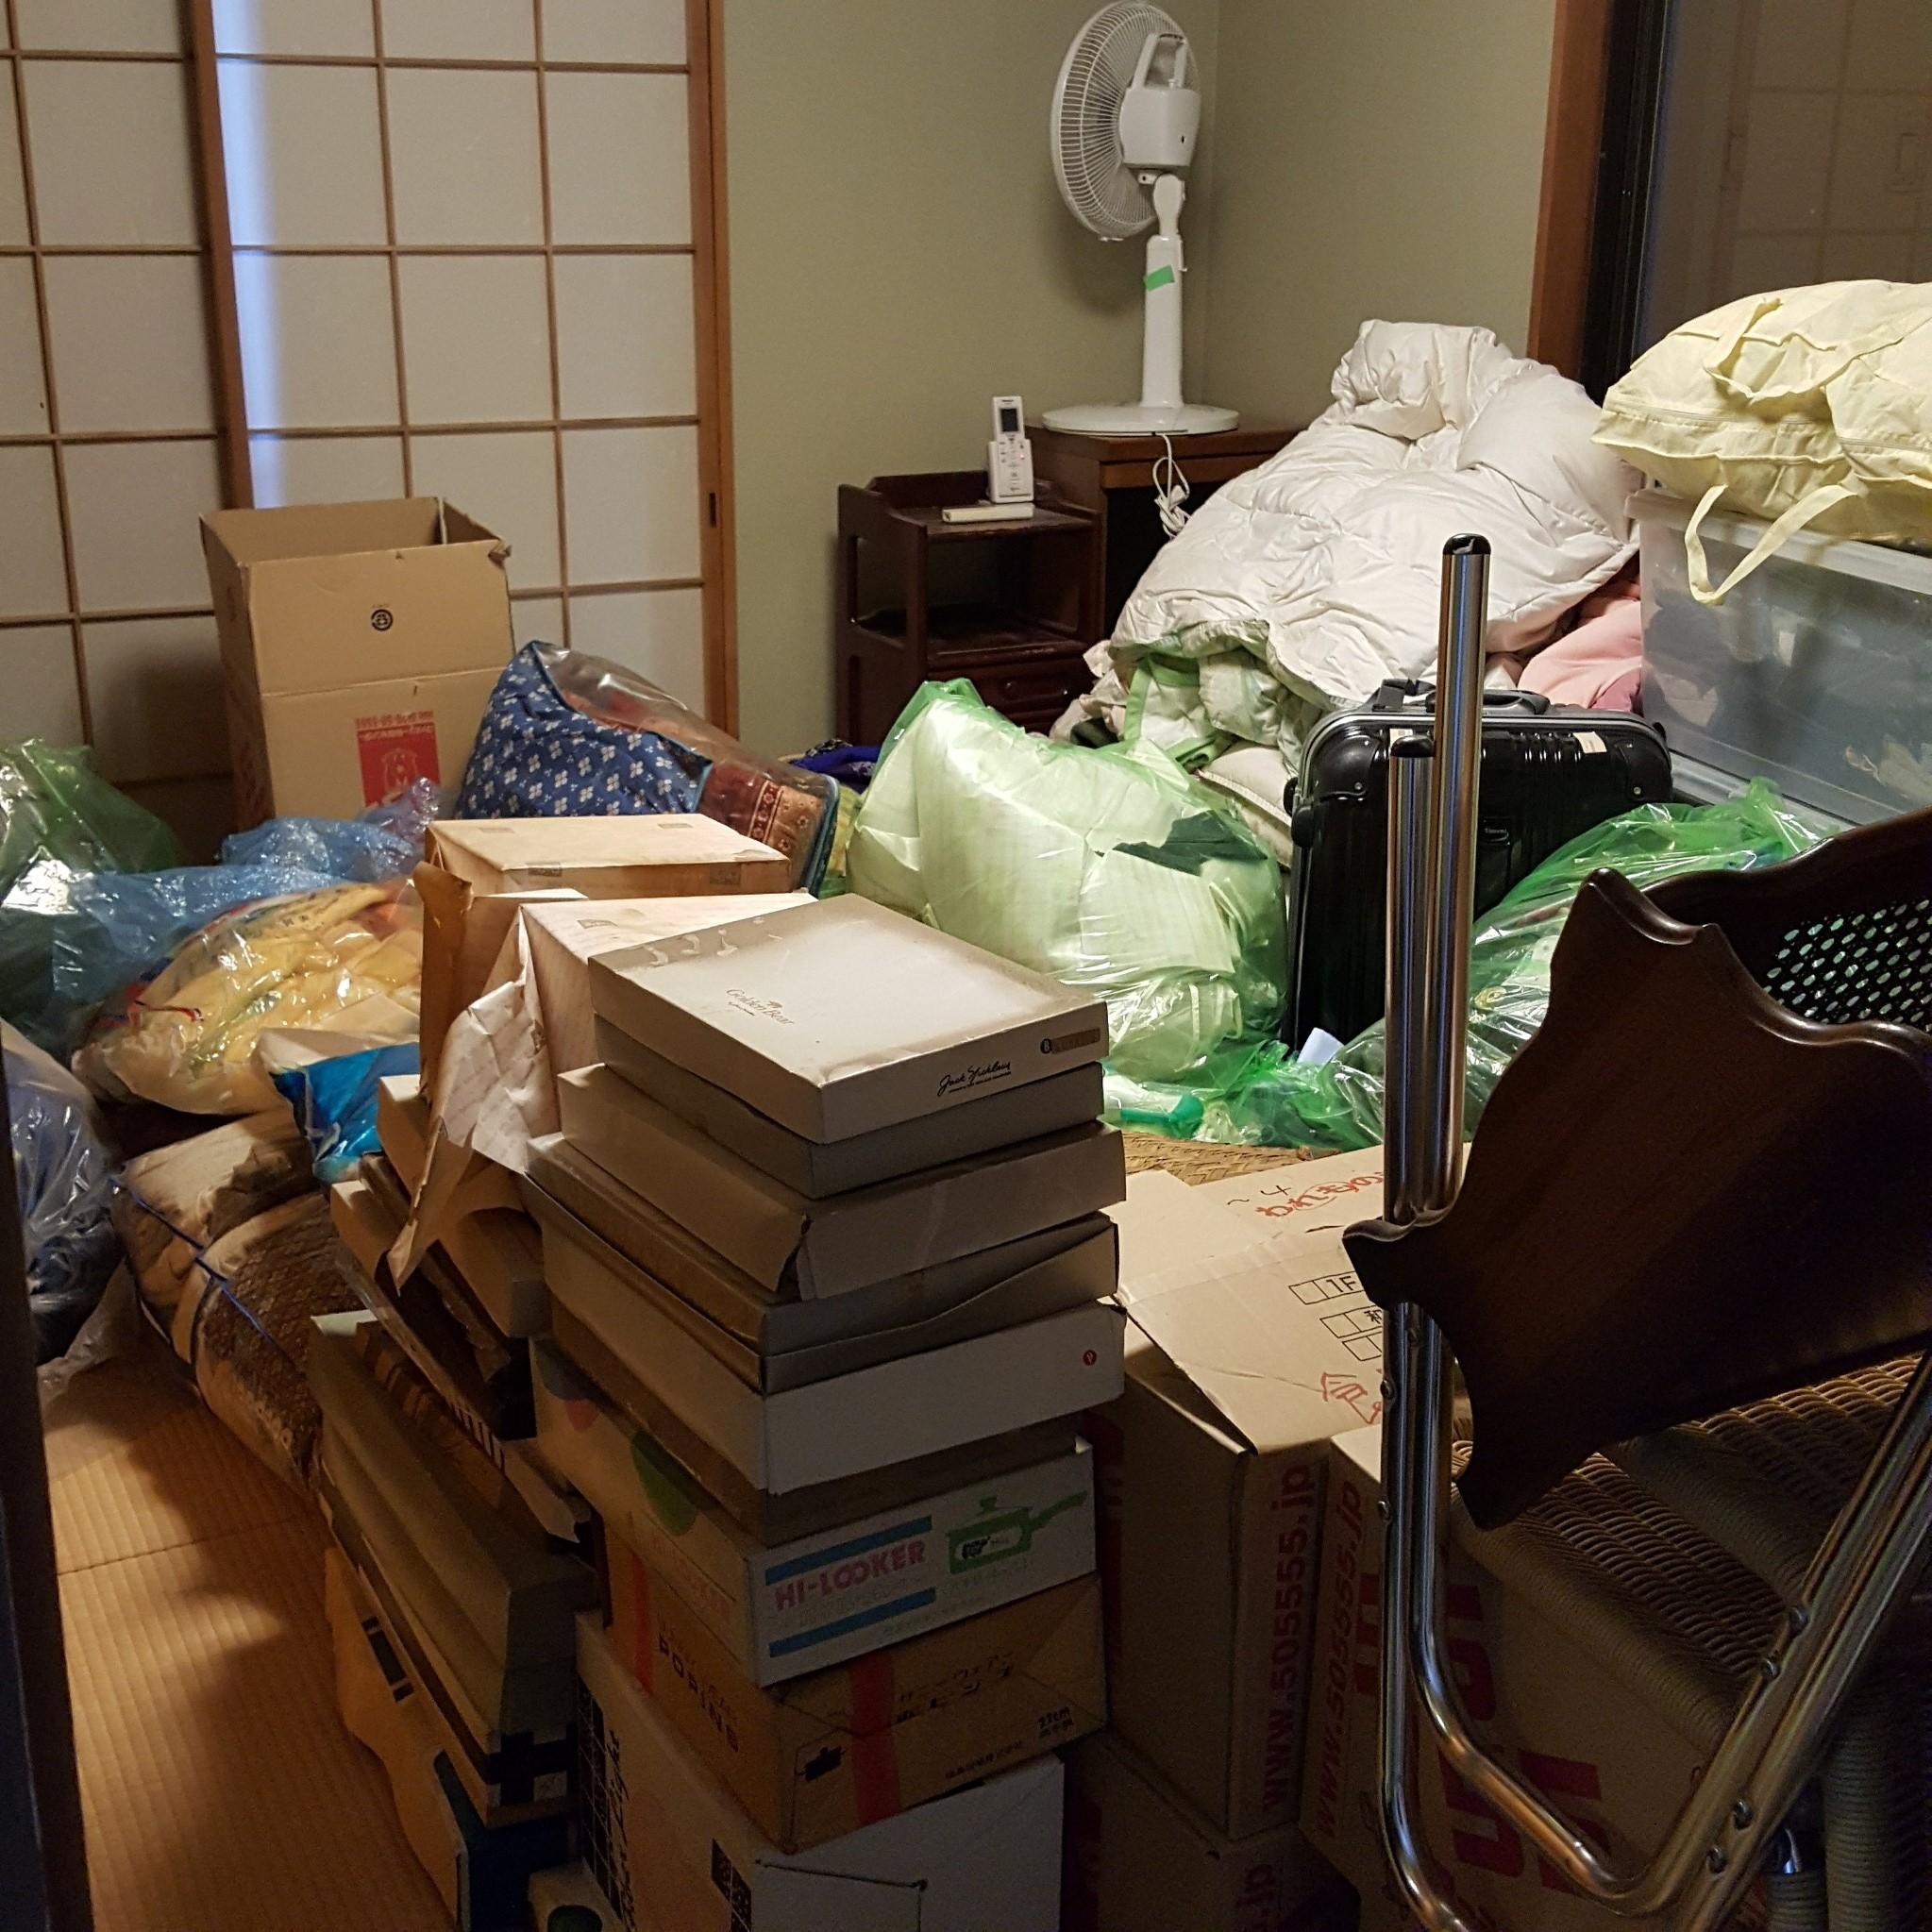 神奈川県横浜市 一戸建て屋根裏部屋の整理整頓と不要品回収